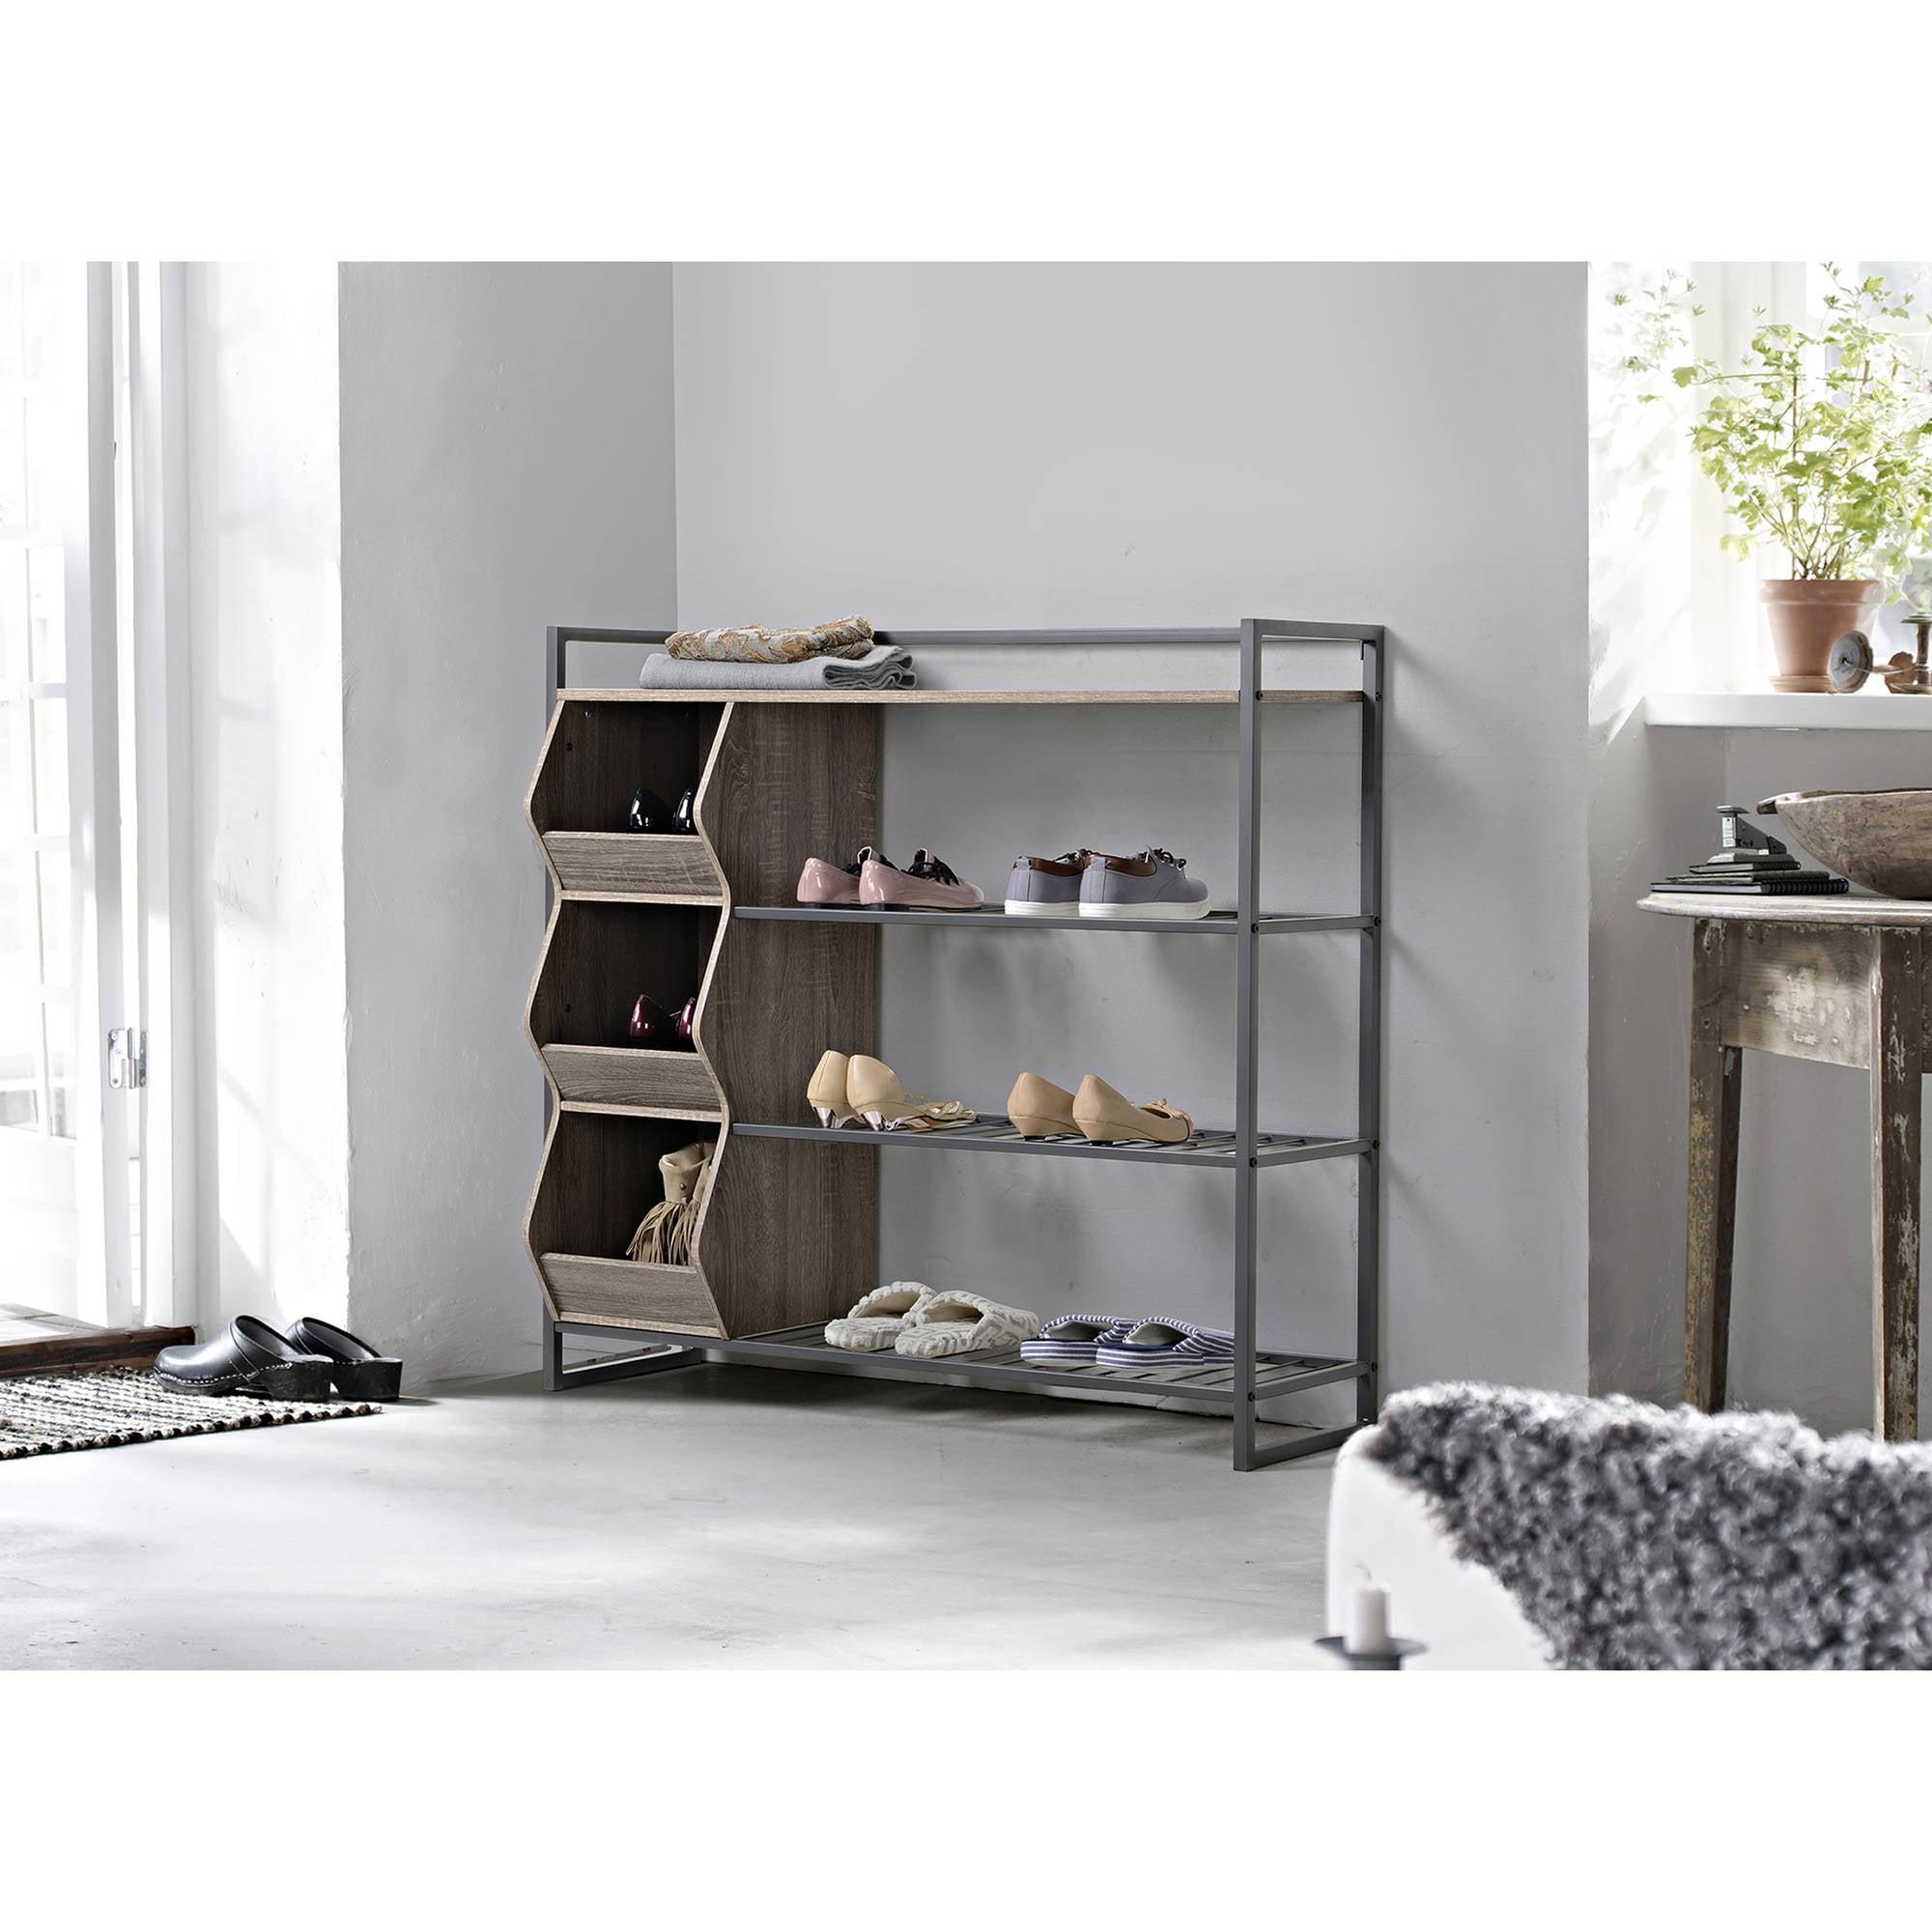 Homestar 4-Shelf Shoe Rack